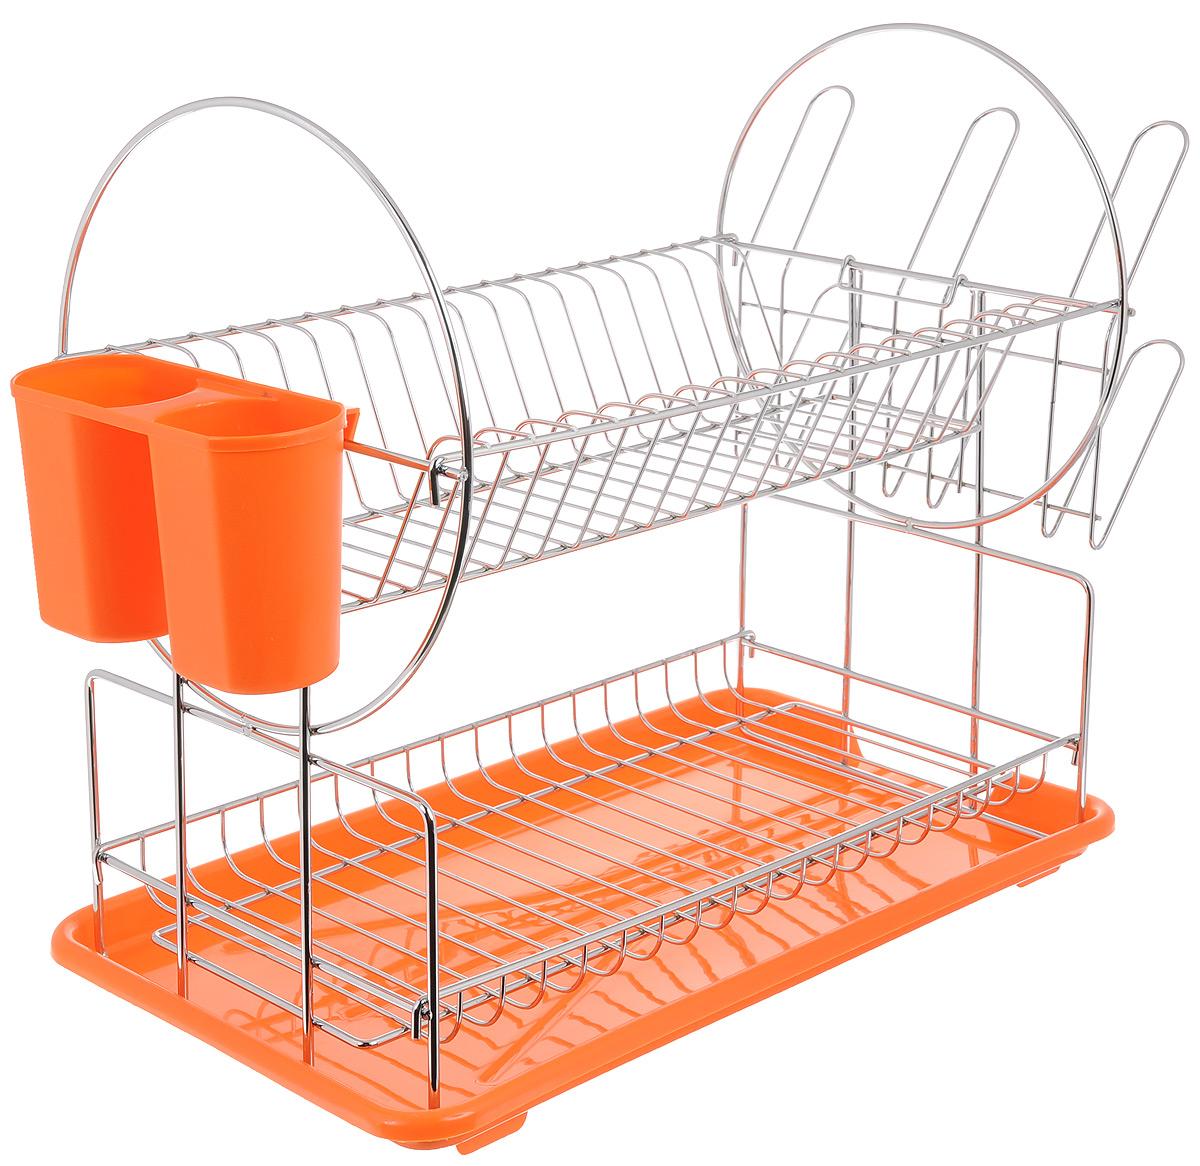 Сушилка для посуды Mayer & Boch, 2-ярусная, цвет: оранжевый, 39 х 23 х 36 см23219Двухъярусная сушилка для посуды Mayer & Boch, выполненная из высококачественного полипропилена и хромированного металла, отлично подходит для хранения кухонных принадлежностей и столовых приборов. Сушилка состоит из подставки для тарелок, двойной подставки для столовых приборов, а также места для кружек и мисок. Поддон для воды поможет сохранить кухню в чистоте. Элегантный, цветной дизайн прекрасно сочетается с интерьером любой кухни.